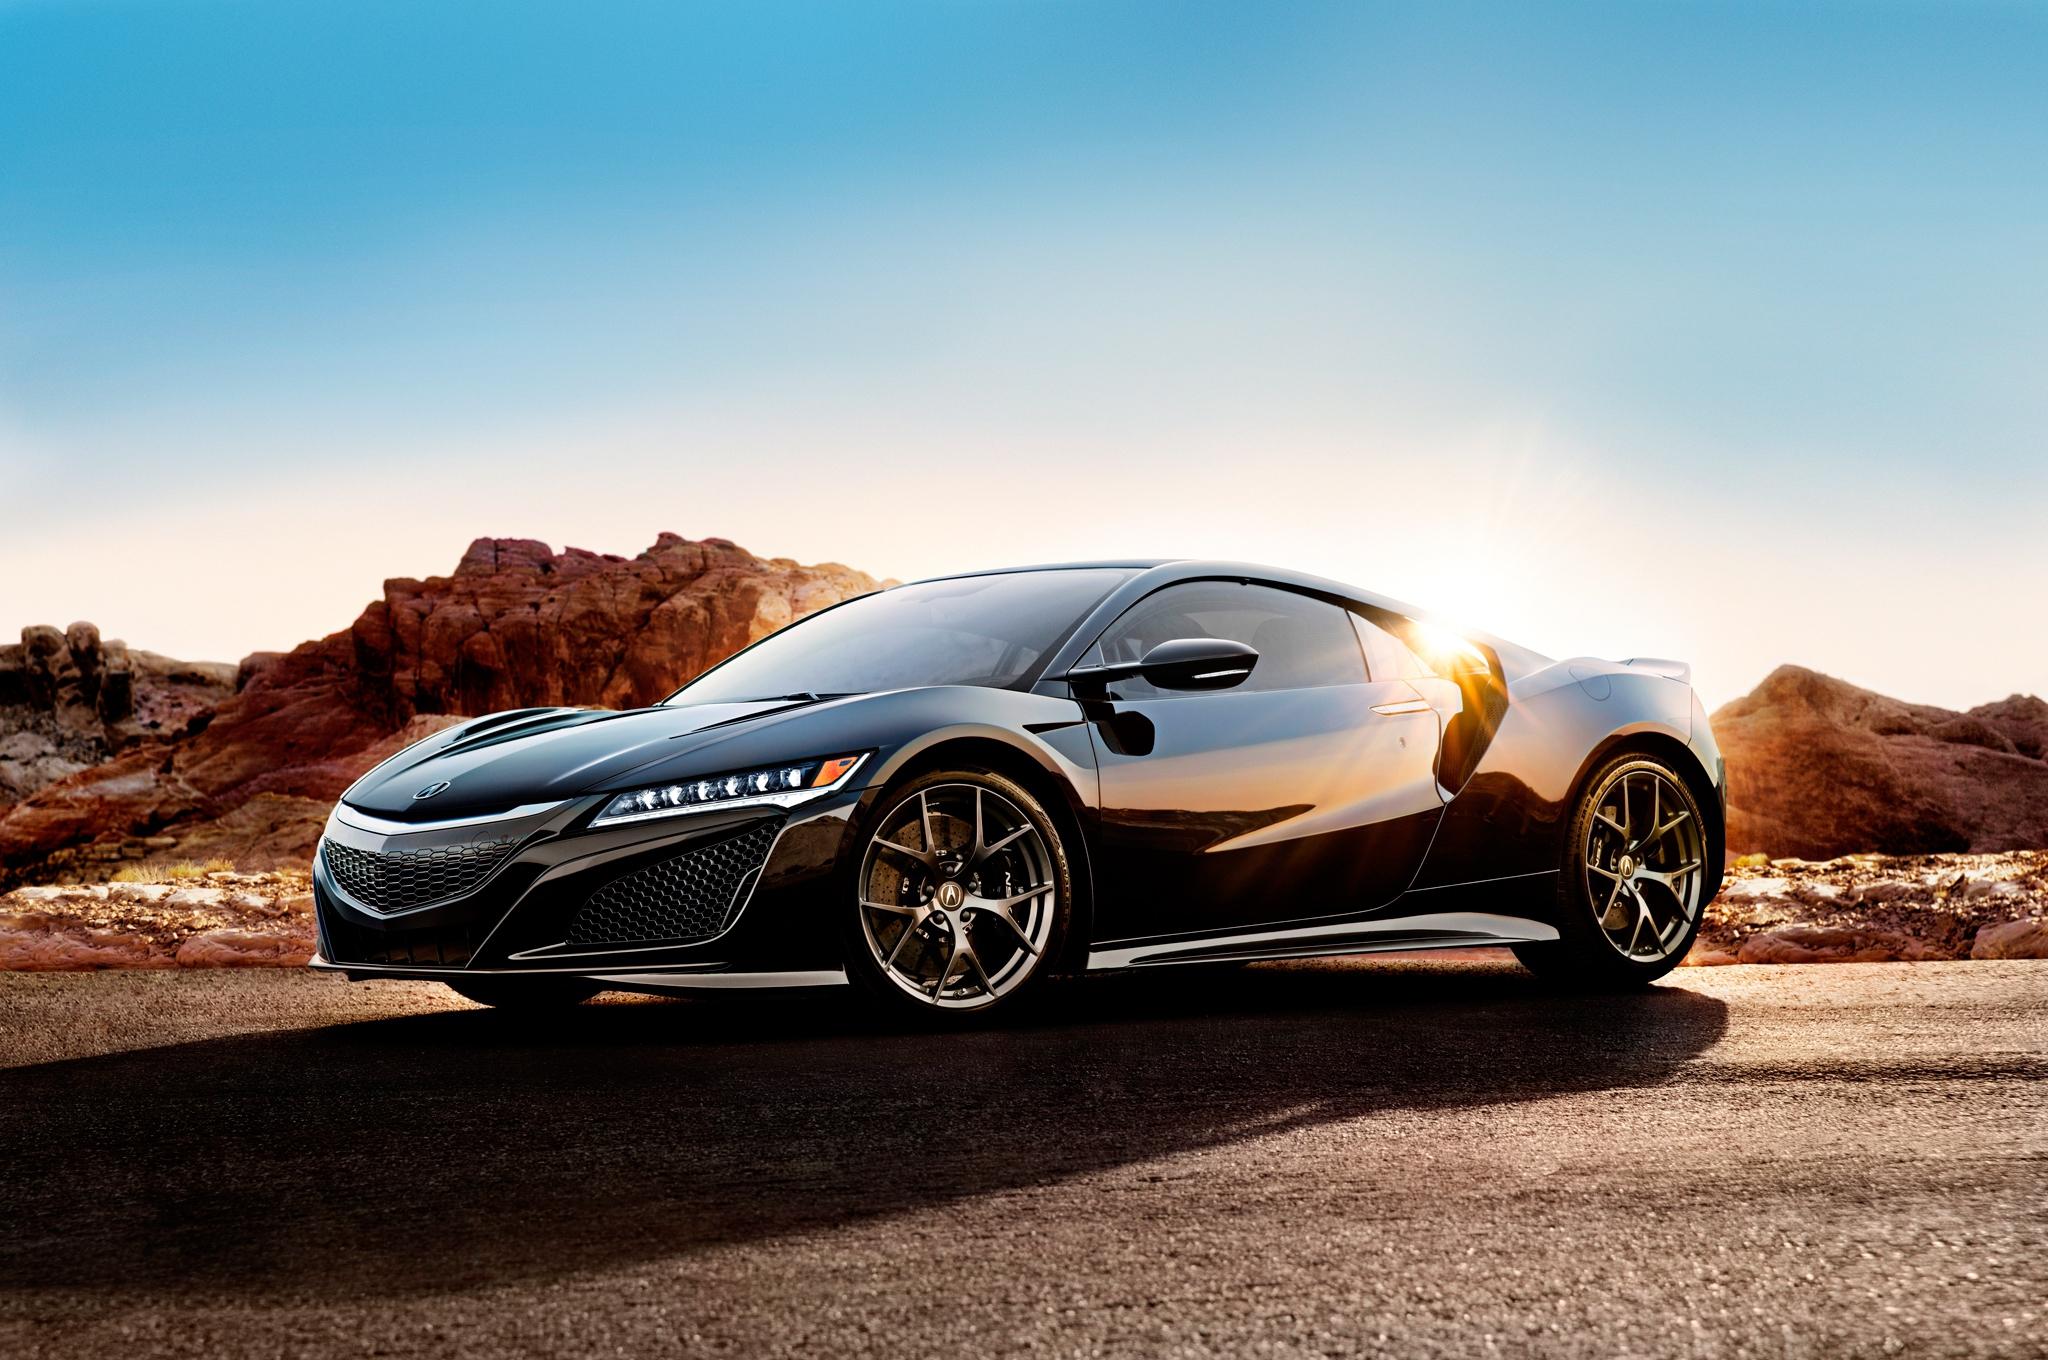 Acura Nsx Widescreen